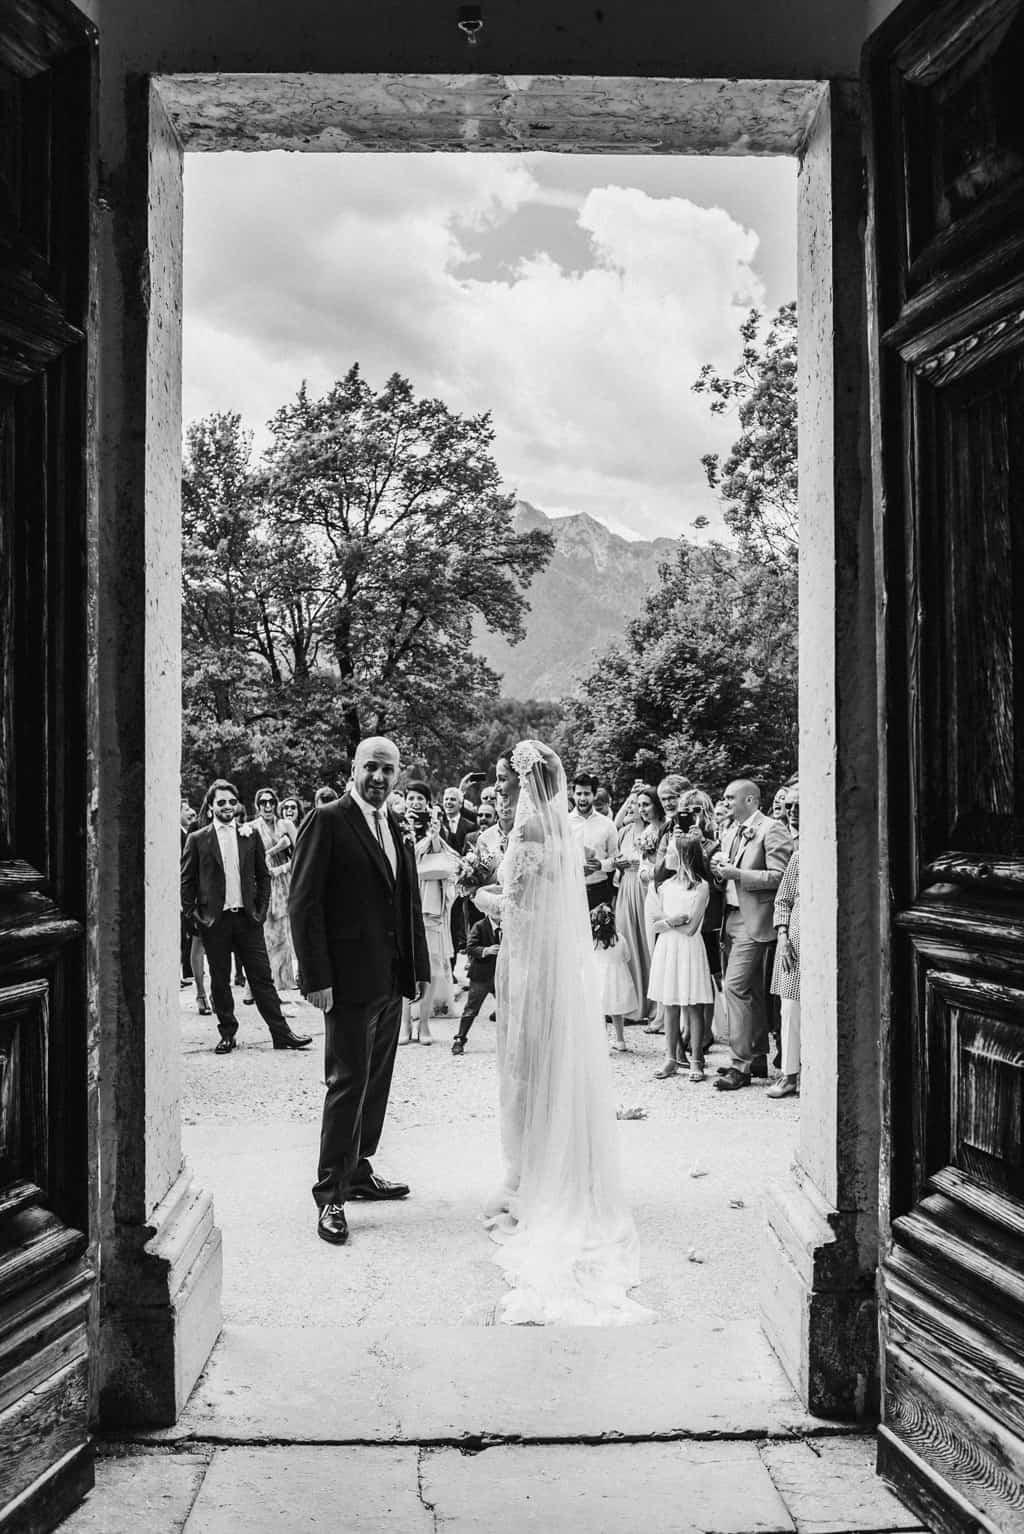 376 servizio fotografico matrimonio dolomiti